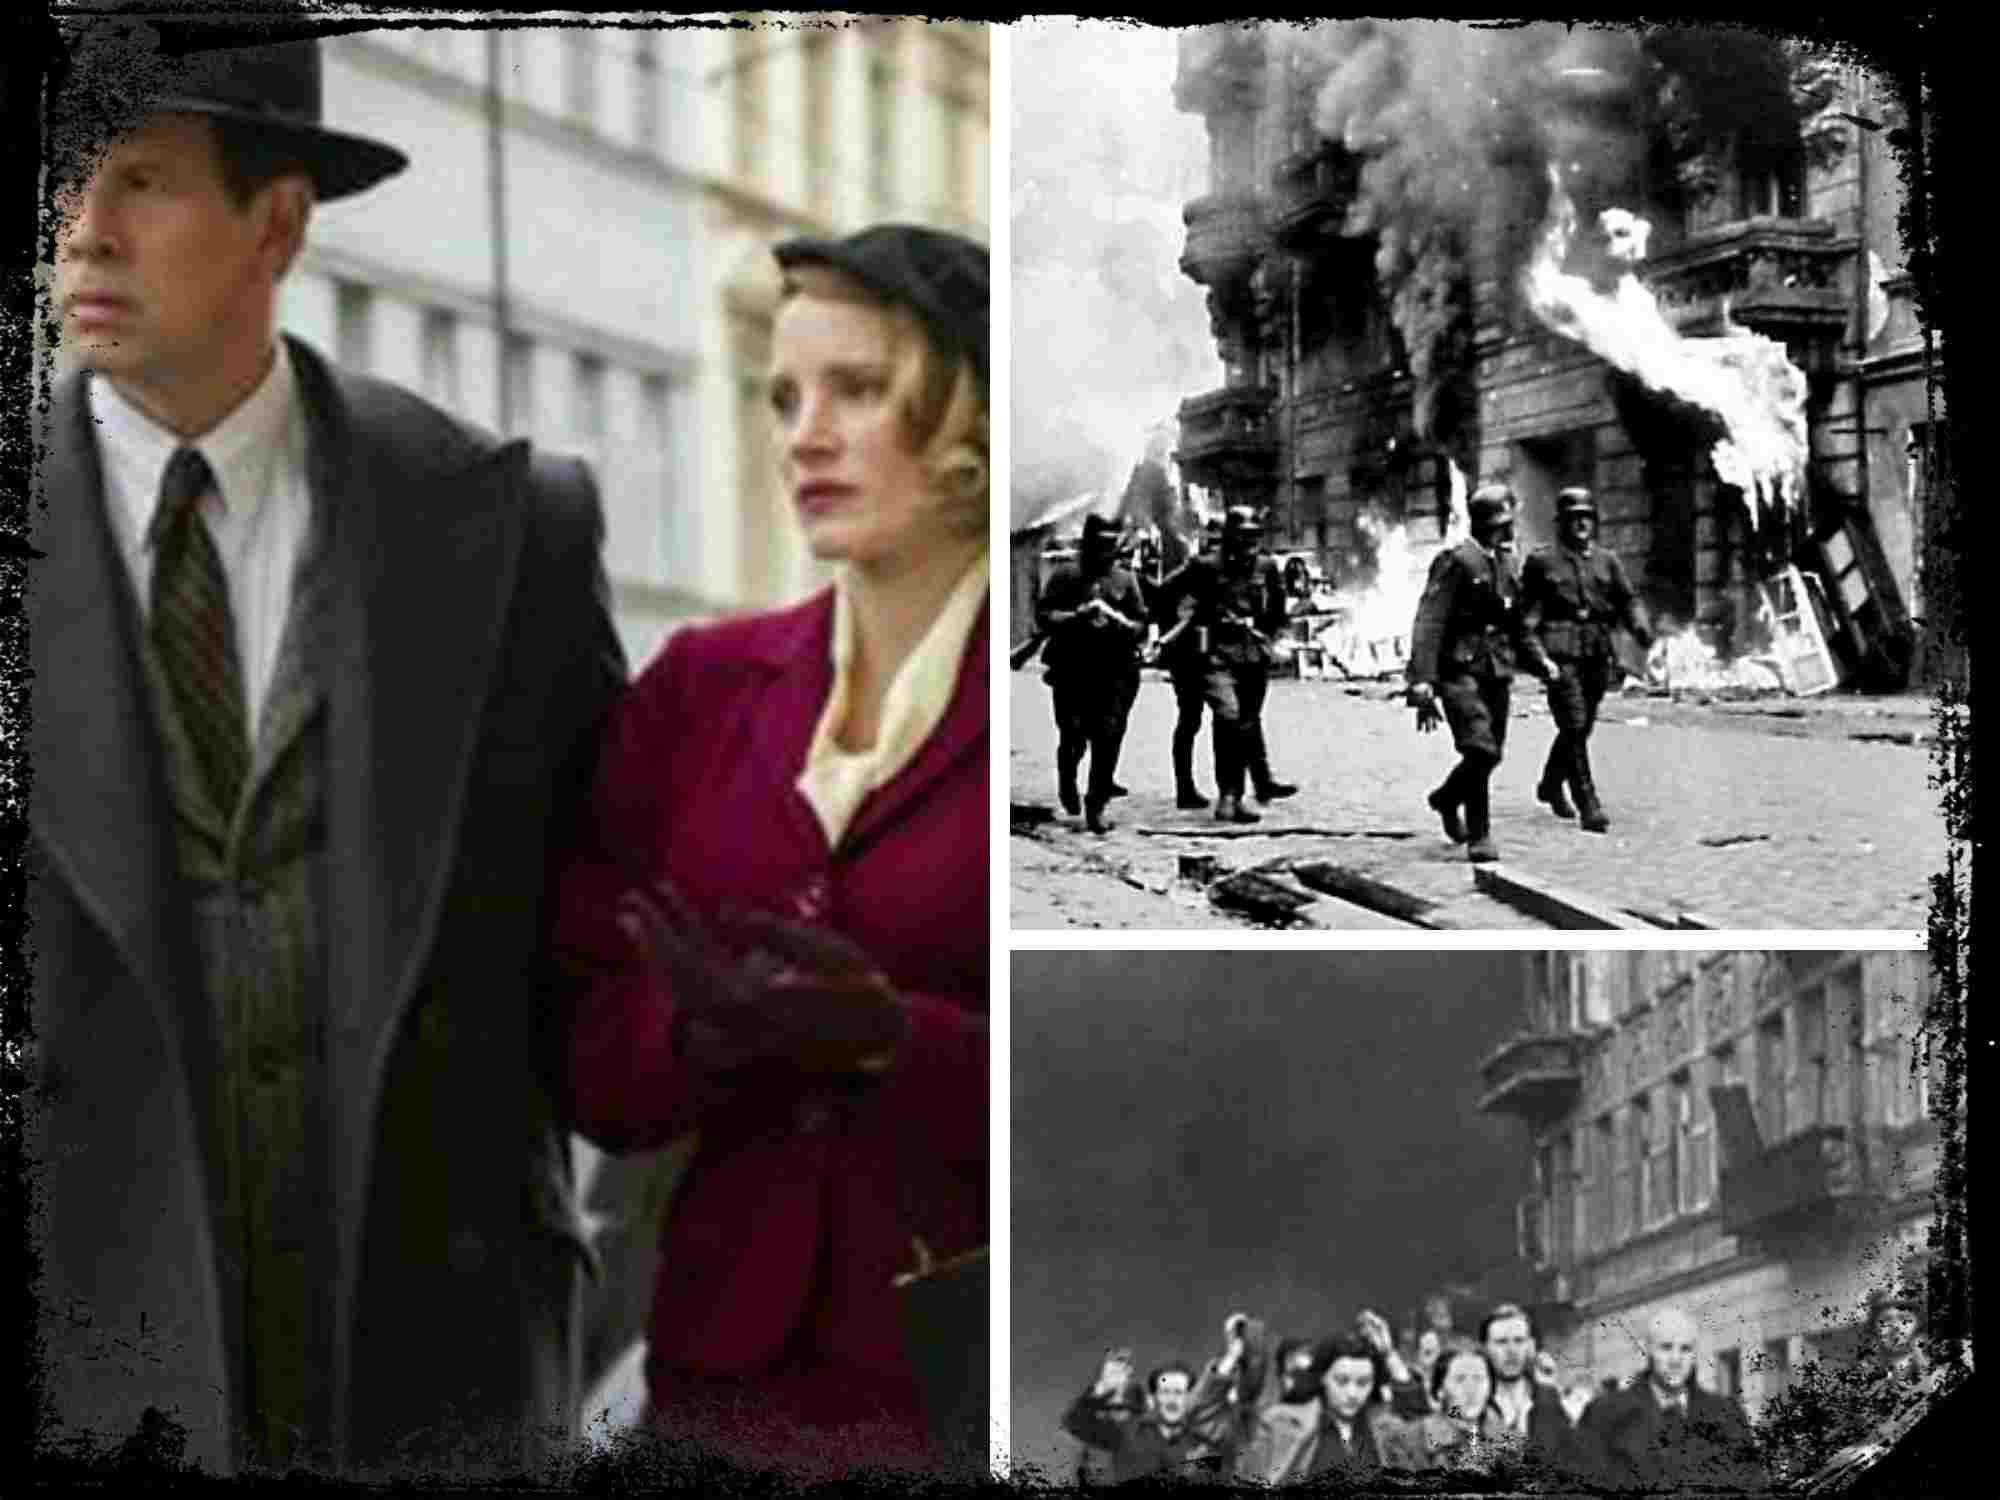 Las jaulas que salvaron a cientos de judíos: la historia del matrimonio Zabinsky